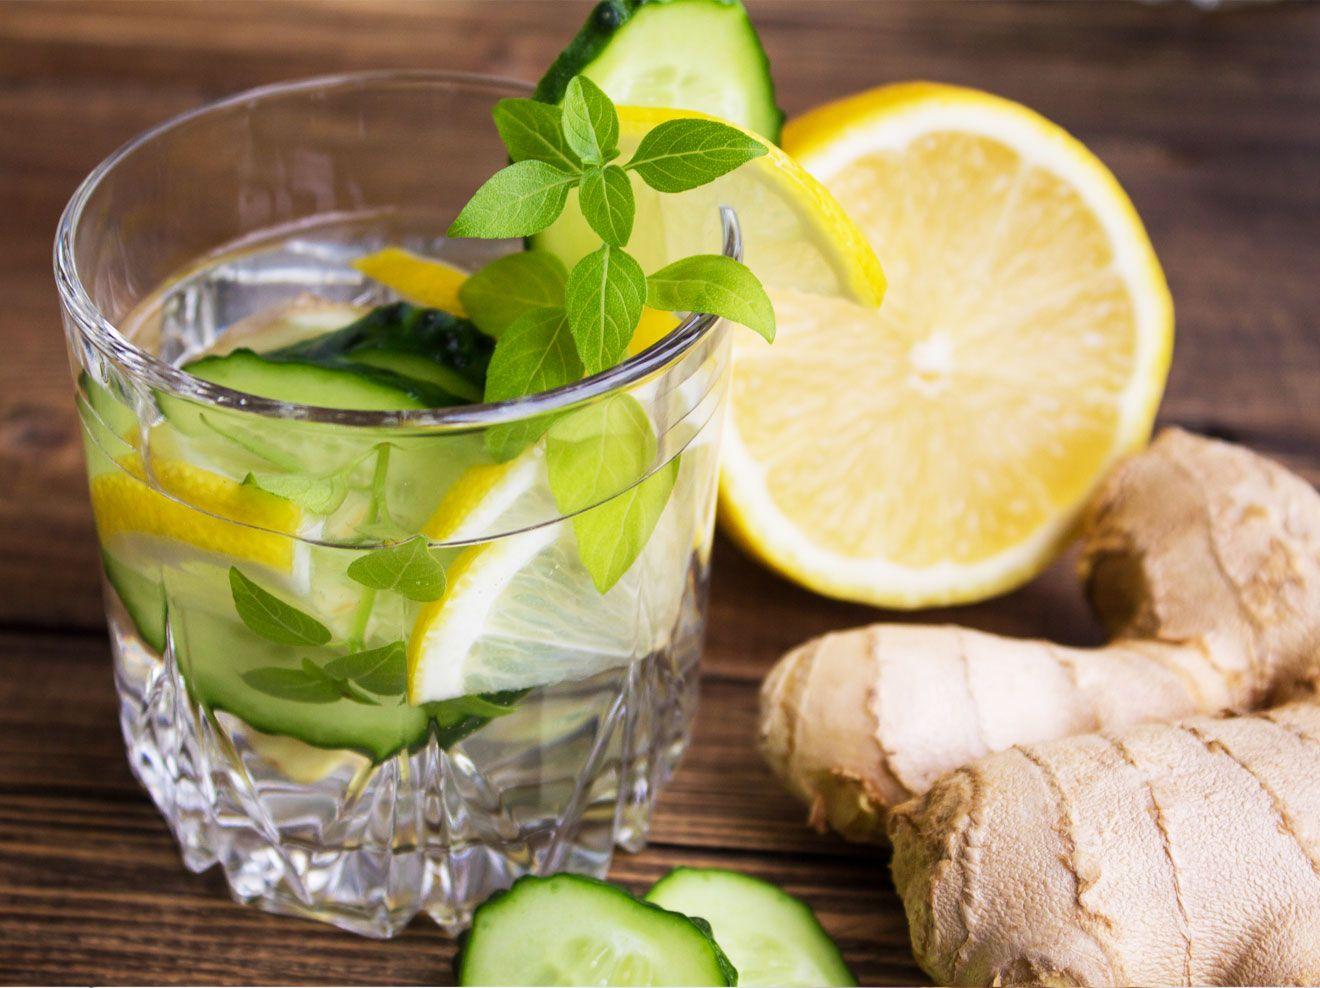 Имбирь Лимон Яблоки Для Похудения. Лимон, яблоко и имбирь, которые буквально растворяют токсины из вашего тела!